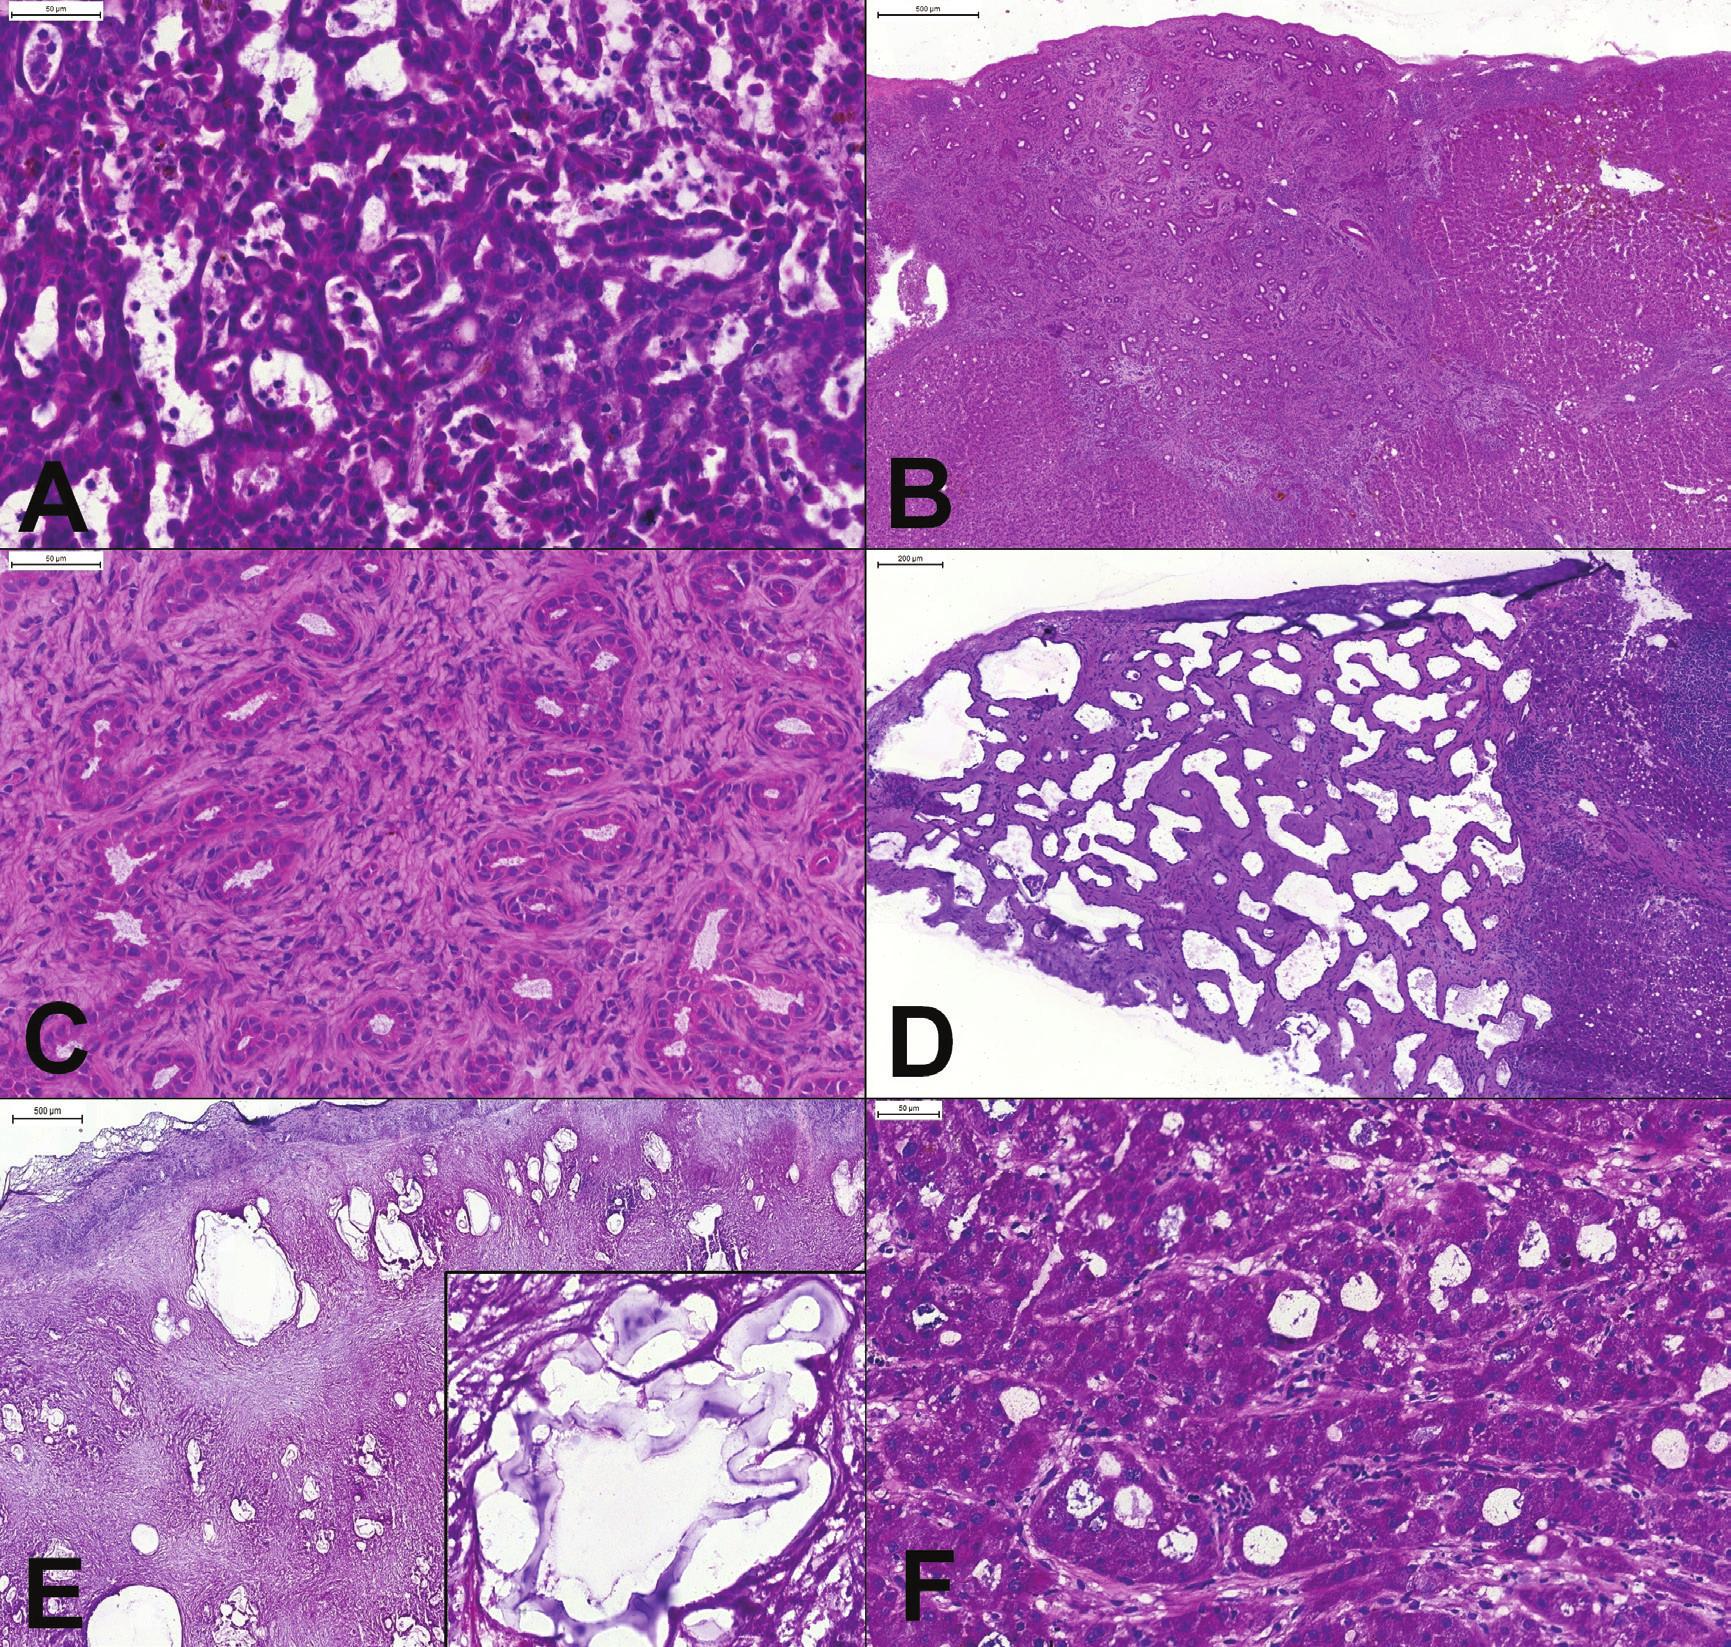 (A) Metastáza adenokarcinómu choledochu v pečeni. Až po vylúčení metastatického origa by mohol tumor byť považovaný za primárny intrahepatický cholangiokarcinóm. (B, C) Subkapsulárne ložisko u pacienta so suspektným tumorom žalúdka. Ostro ohraničené ložisko, tvorené pravidelnými žliazkami v kolagénnej stróme s lymfocytmi, bez mitóz a cytologických atypií. Peroperačná a definitívna biopsia: biliárny adenóm. (D) Subkapsulárne ložisko u pacienta s karcinómom žalúdka. Nepravidelne anastomozujúce cysticky dilatované priestory vystlané blandným plochým až kubickým biliárnym epitelom. Peroperačná a definitívna diagnóza: biliárny hamartóm (von Meyenburg complex). (E) Tumor pečene u 55-ročného muža. Mikroskopicky zachytené výrazné fibroproduktívne zmeny s mnohopočetnými cystickými štruktúrami. Vo veľkom zväčšení (vložený obrázok) charakteristická laminárna membrána. Peroperačná a definitívna diagnóza: alveolárna echinokokóza. (F) Tumor pečene u 60-ročného muža. Aj keď sú nádorové bunky cytologicky relatívne málo atypické, architektonika (široké trámce a pseudoglandulárne formácie) umožňujú spoľahlivú peroperačnú diagnózu hepatocelulárneho karcinómu.